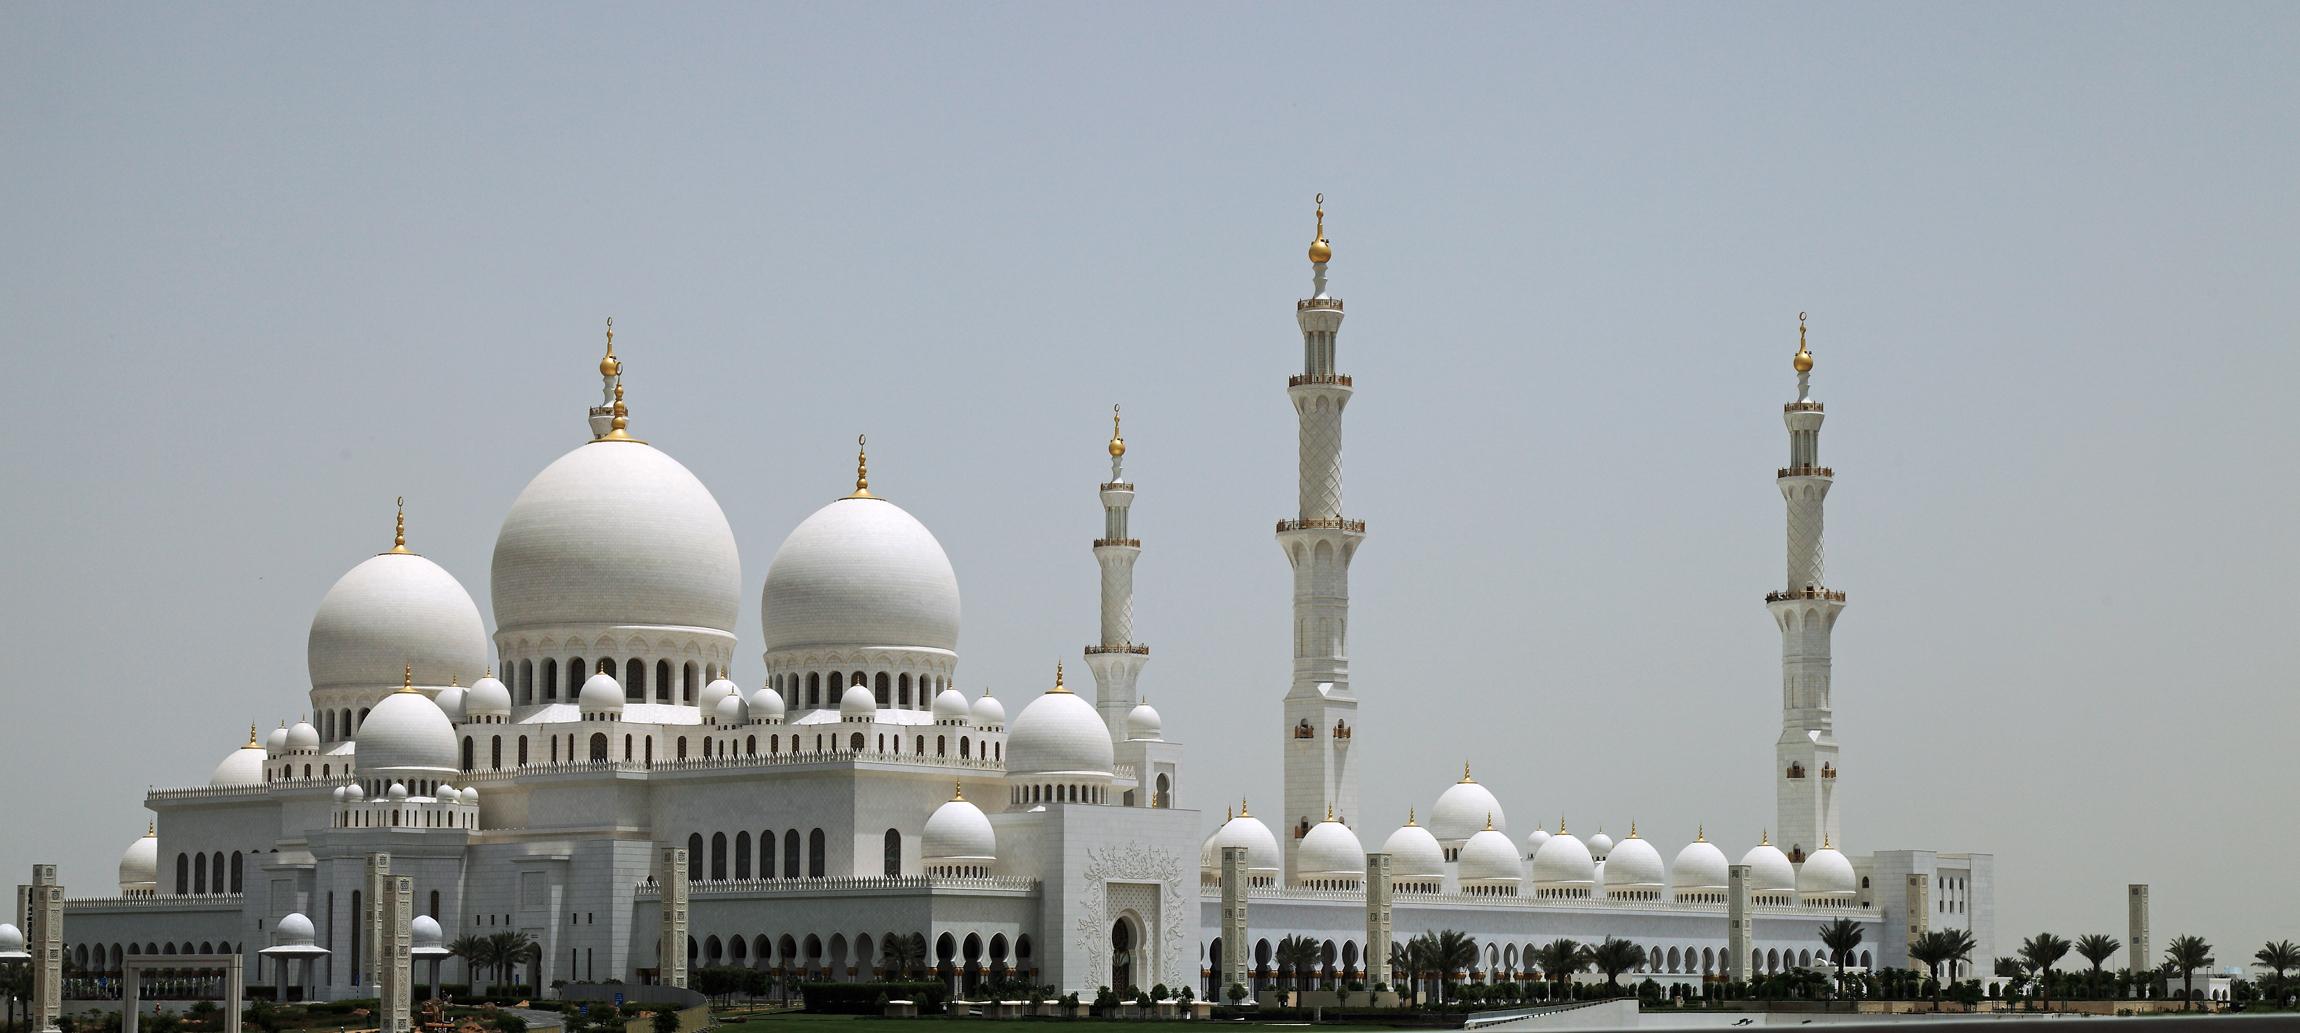 shaikh zayed mosque abu dhabi 1...